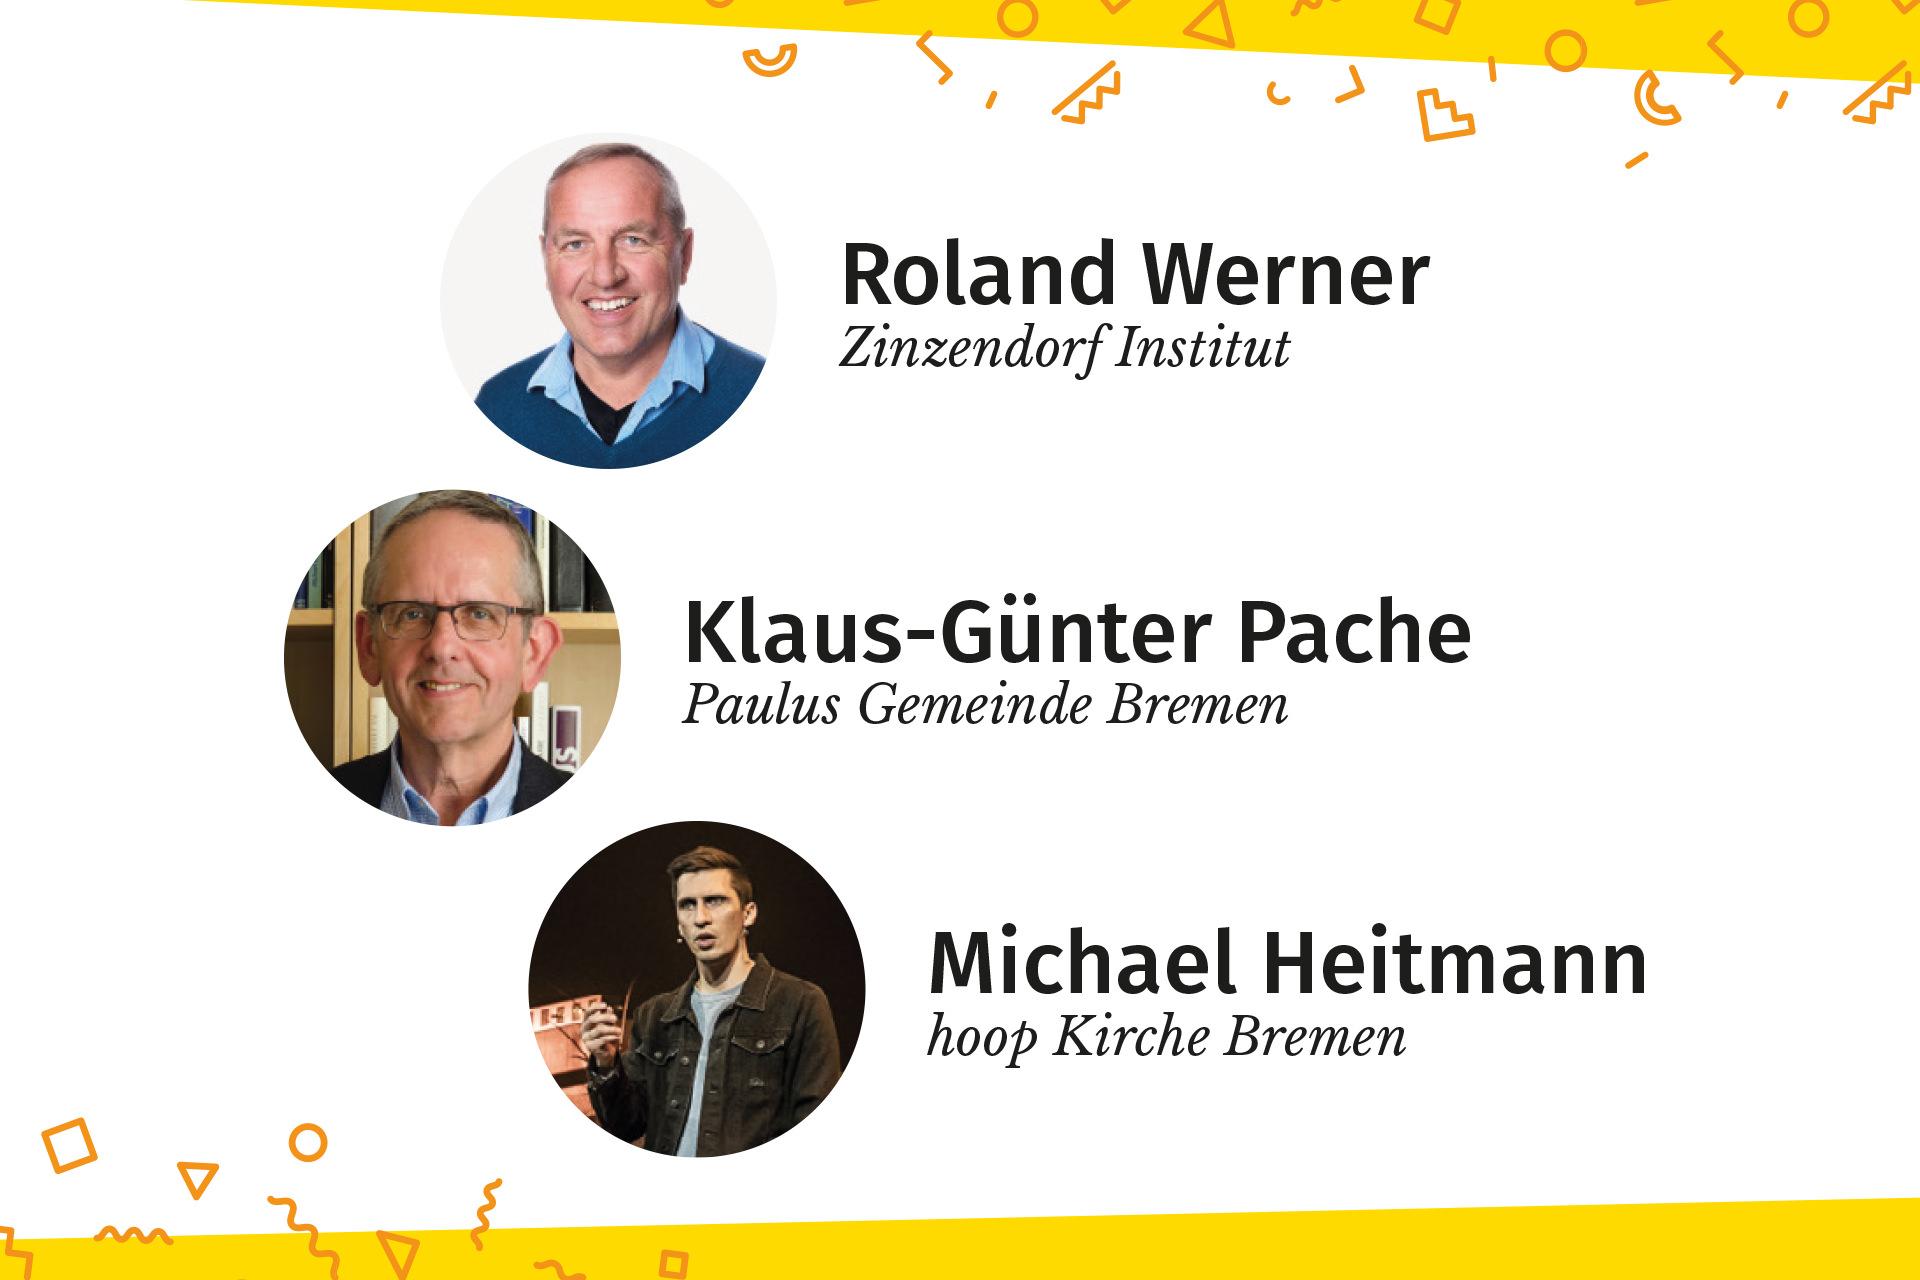 Die Speaker der gemeinsam-Konferenz: Roland Werner, Klaus-Günter Pache und Michael Heitmann